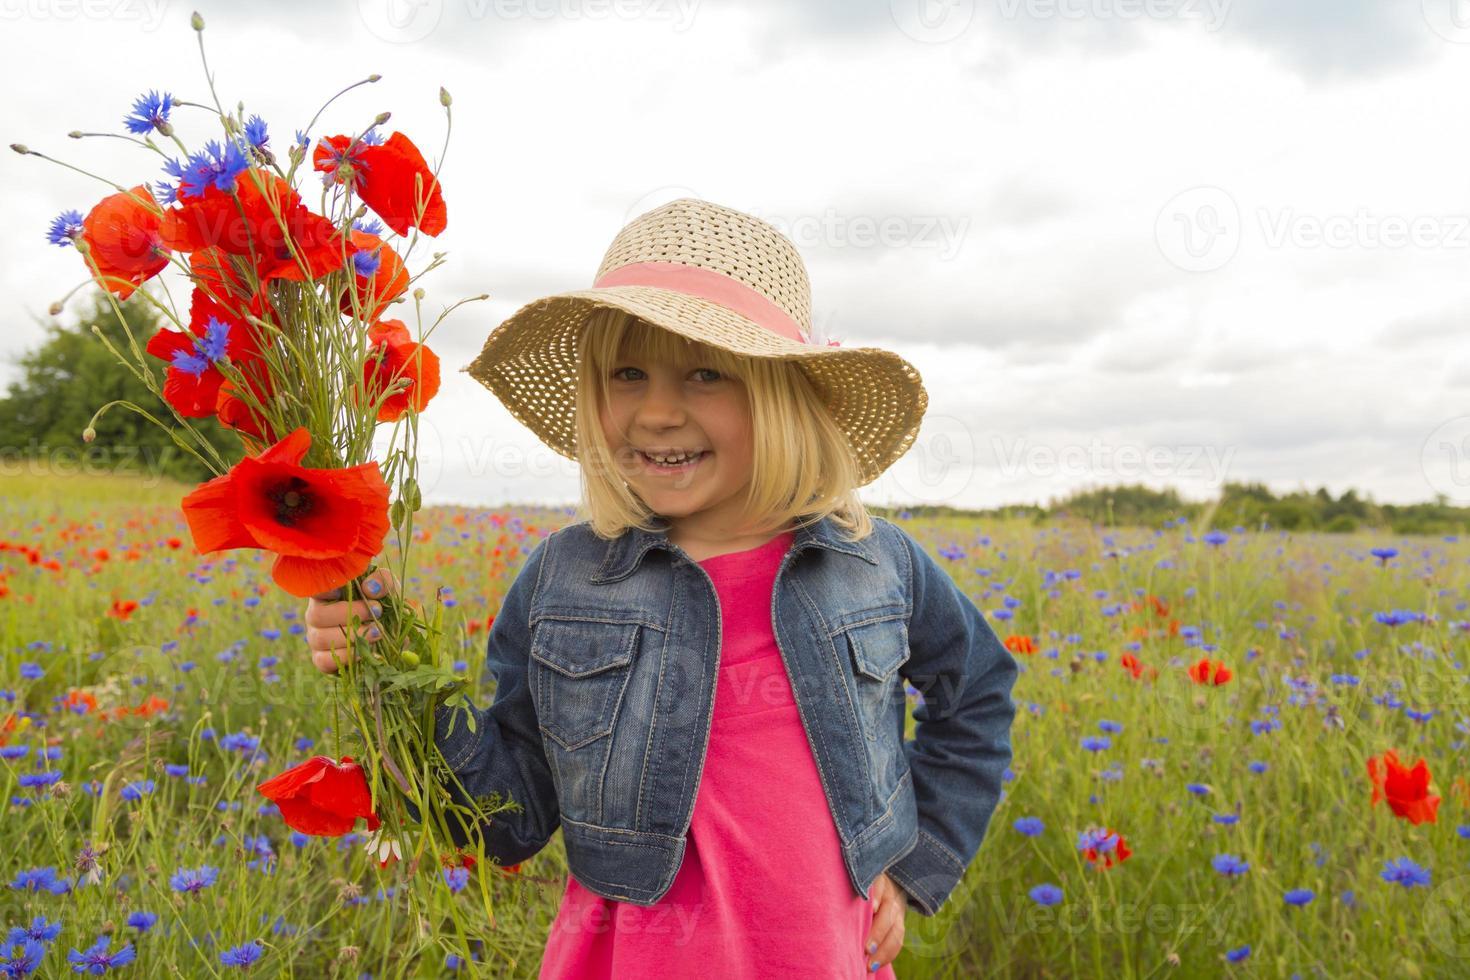 heureuse petite fille avec un bouquet de fleurs sauvages. photo